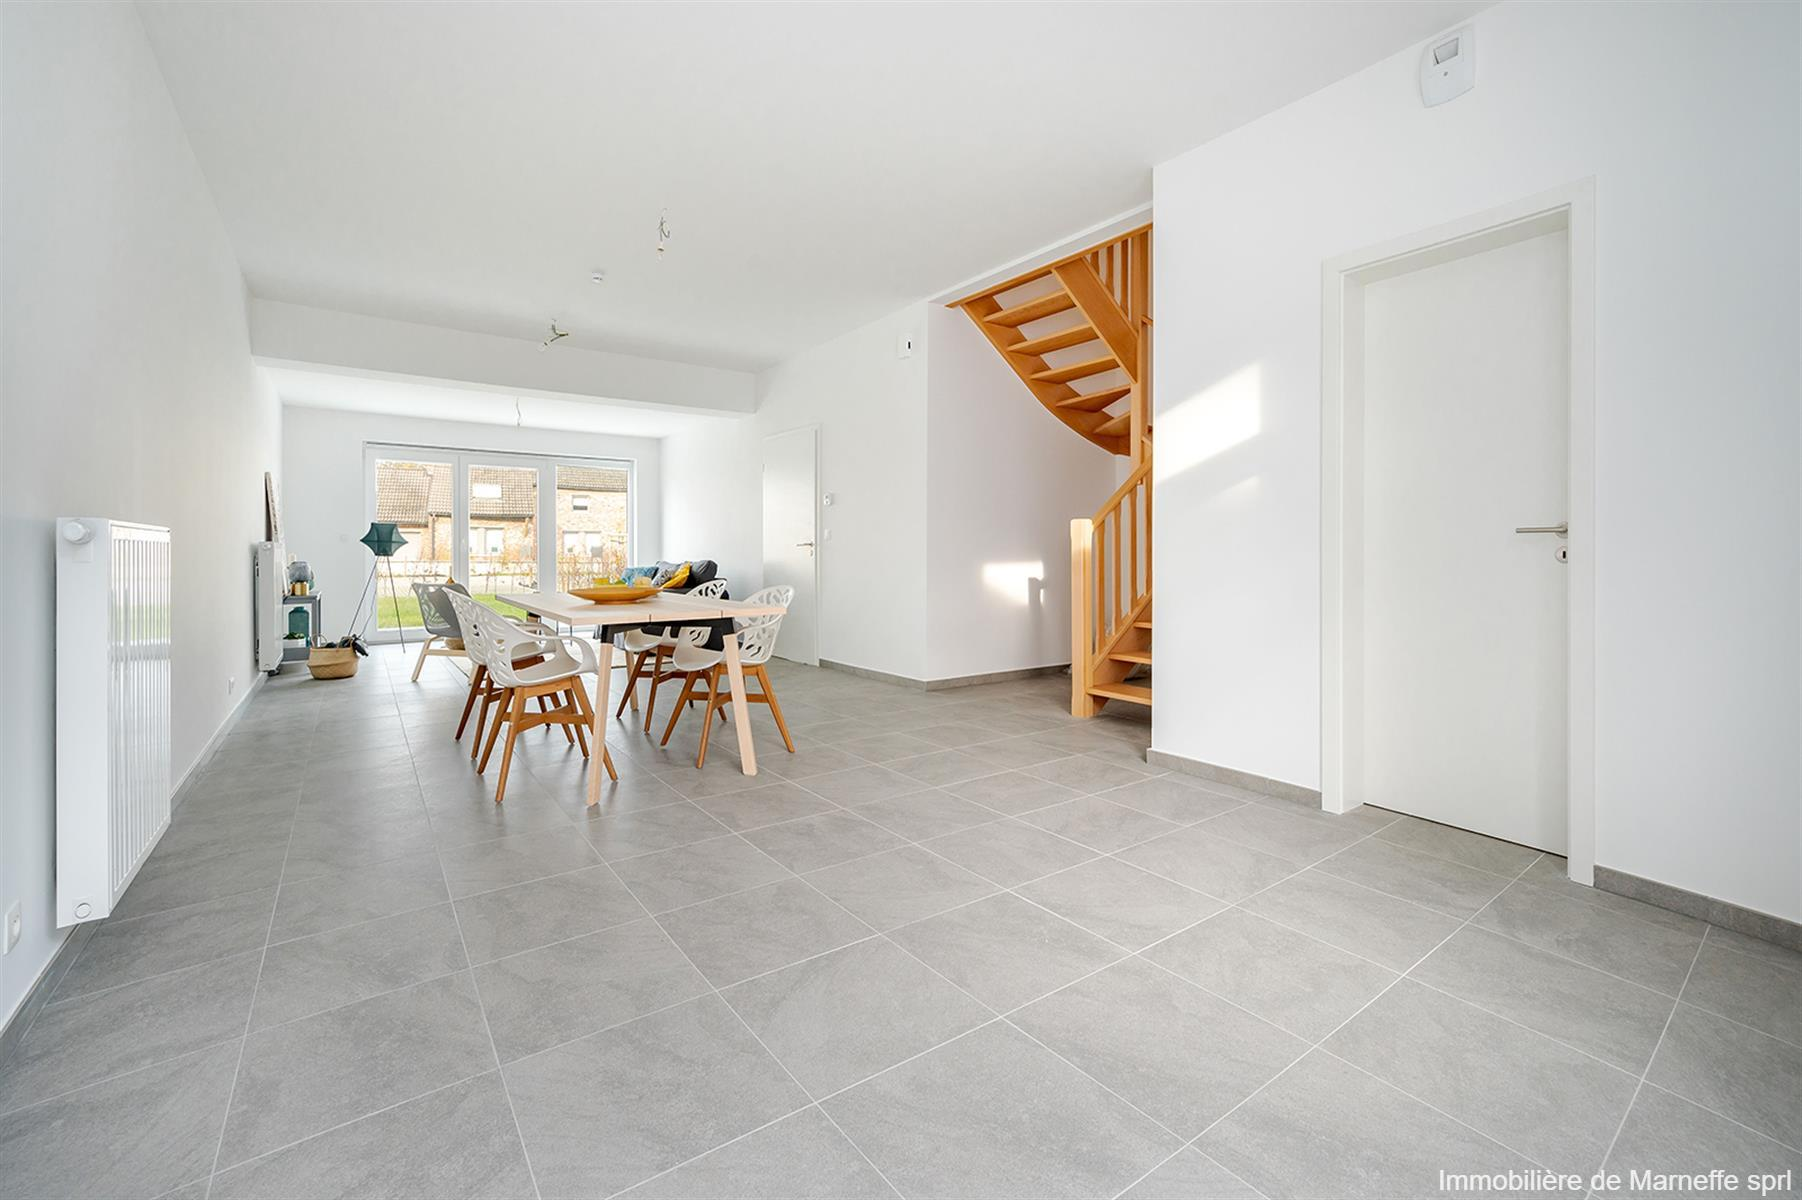 Maison - Grâce-Hollogne Velroux - #4325744-1